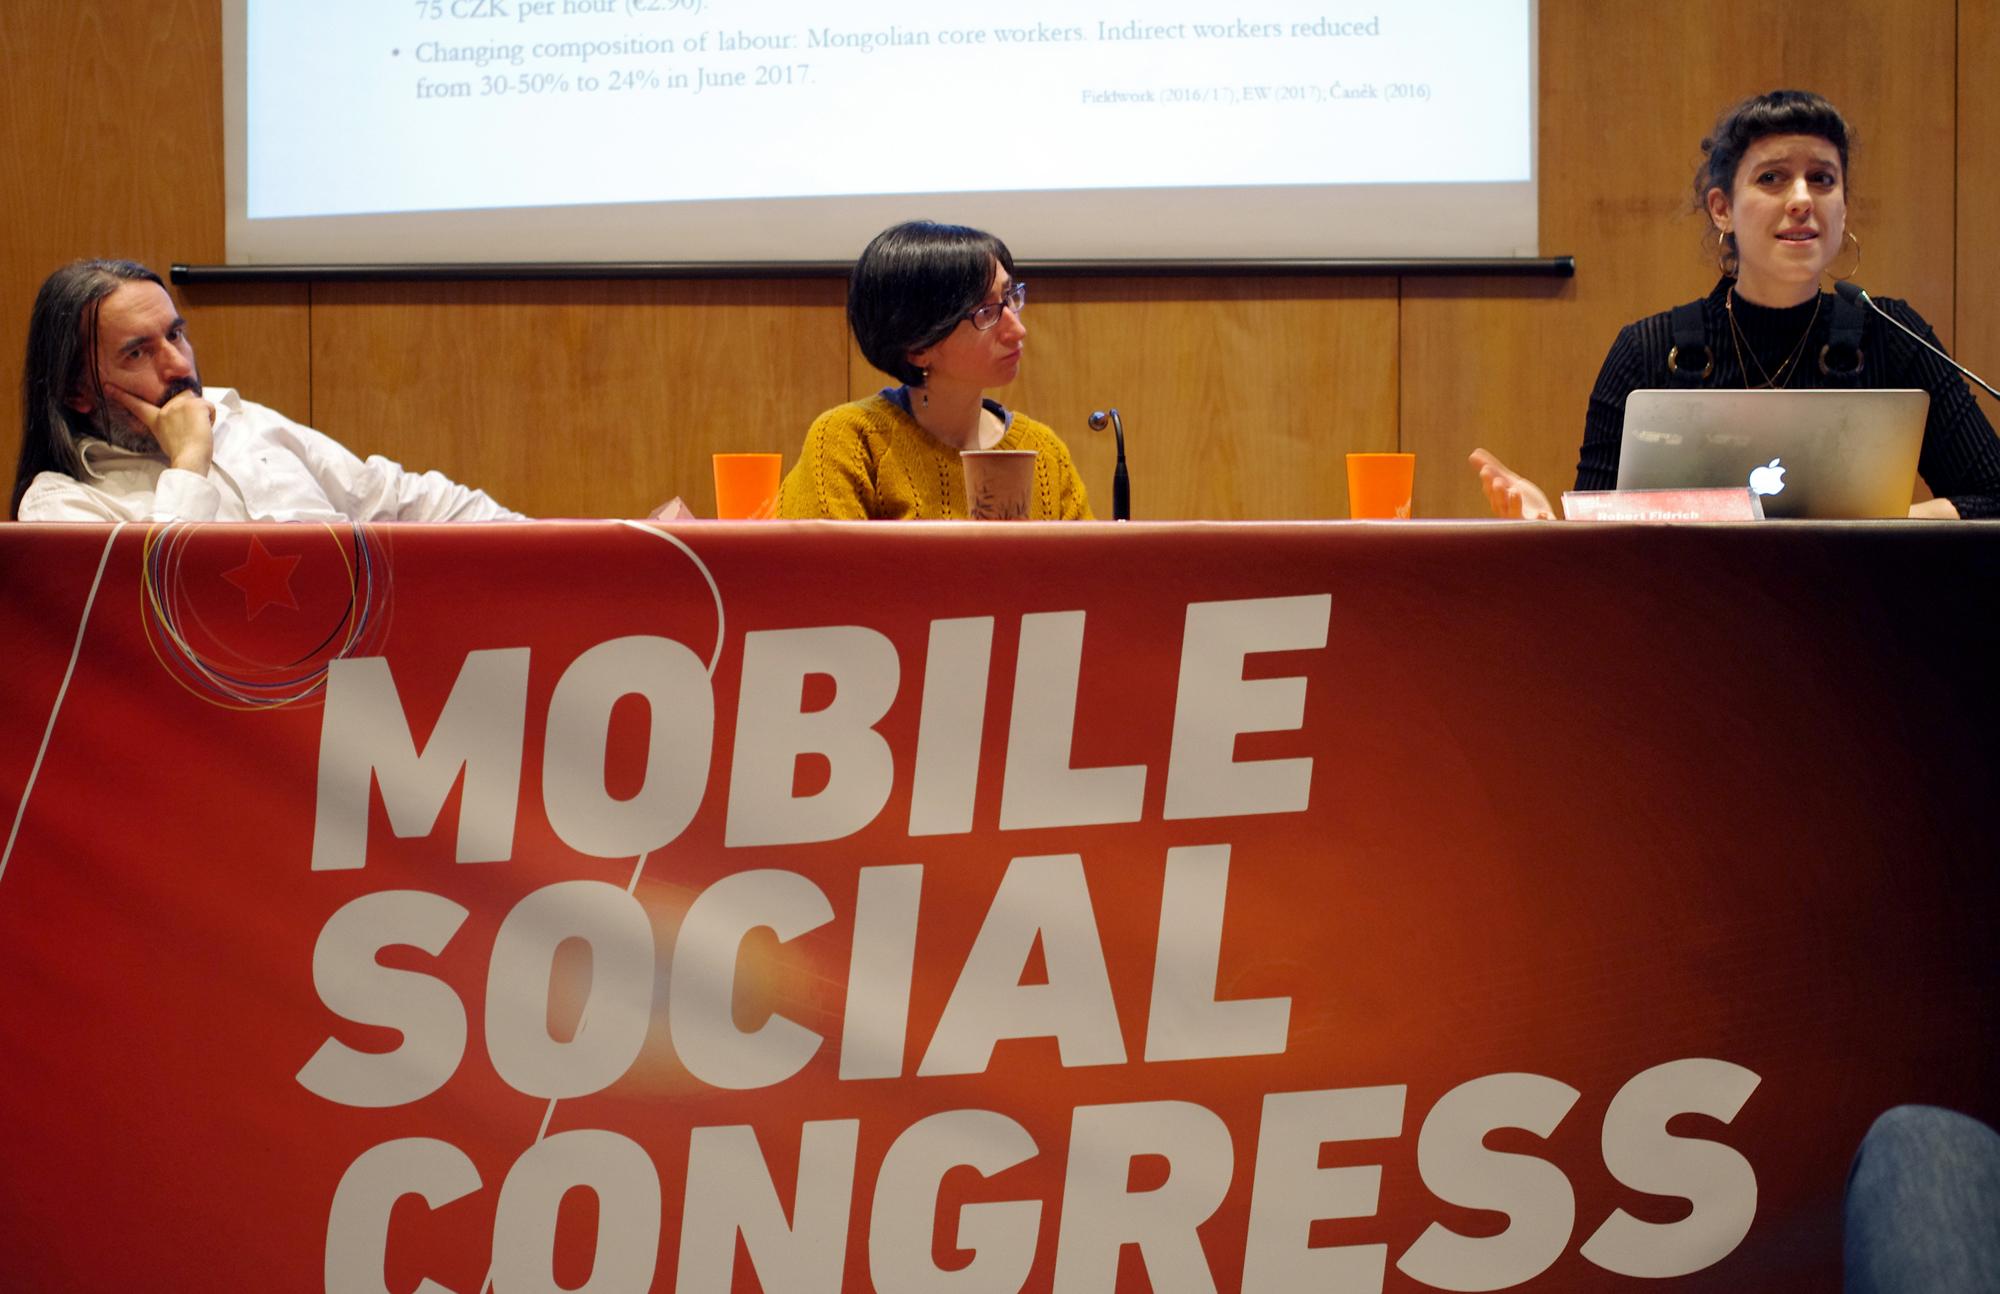 El Mobile Social Congress presenta un informe que vincula el risc de suïcidi amb les condicions laborals a la indústria electrònica a la Xina